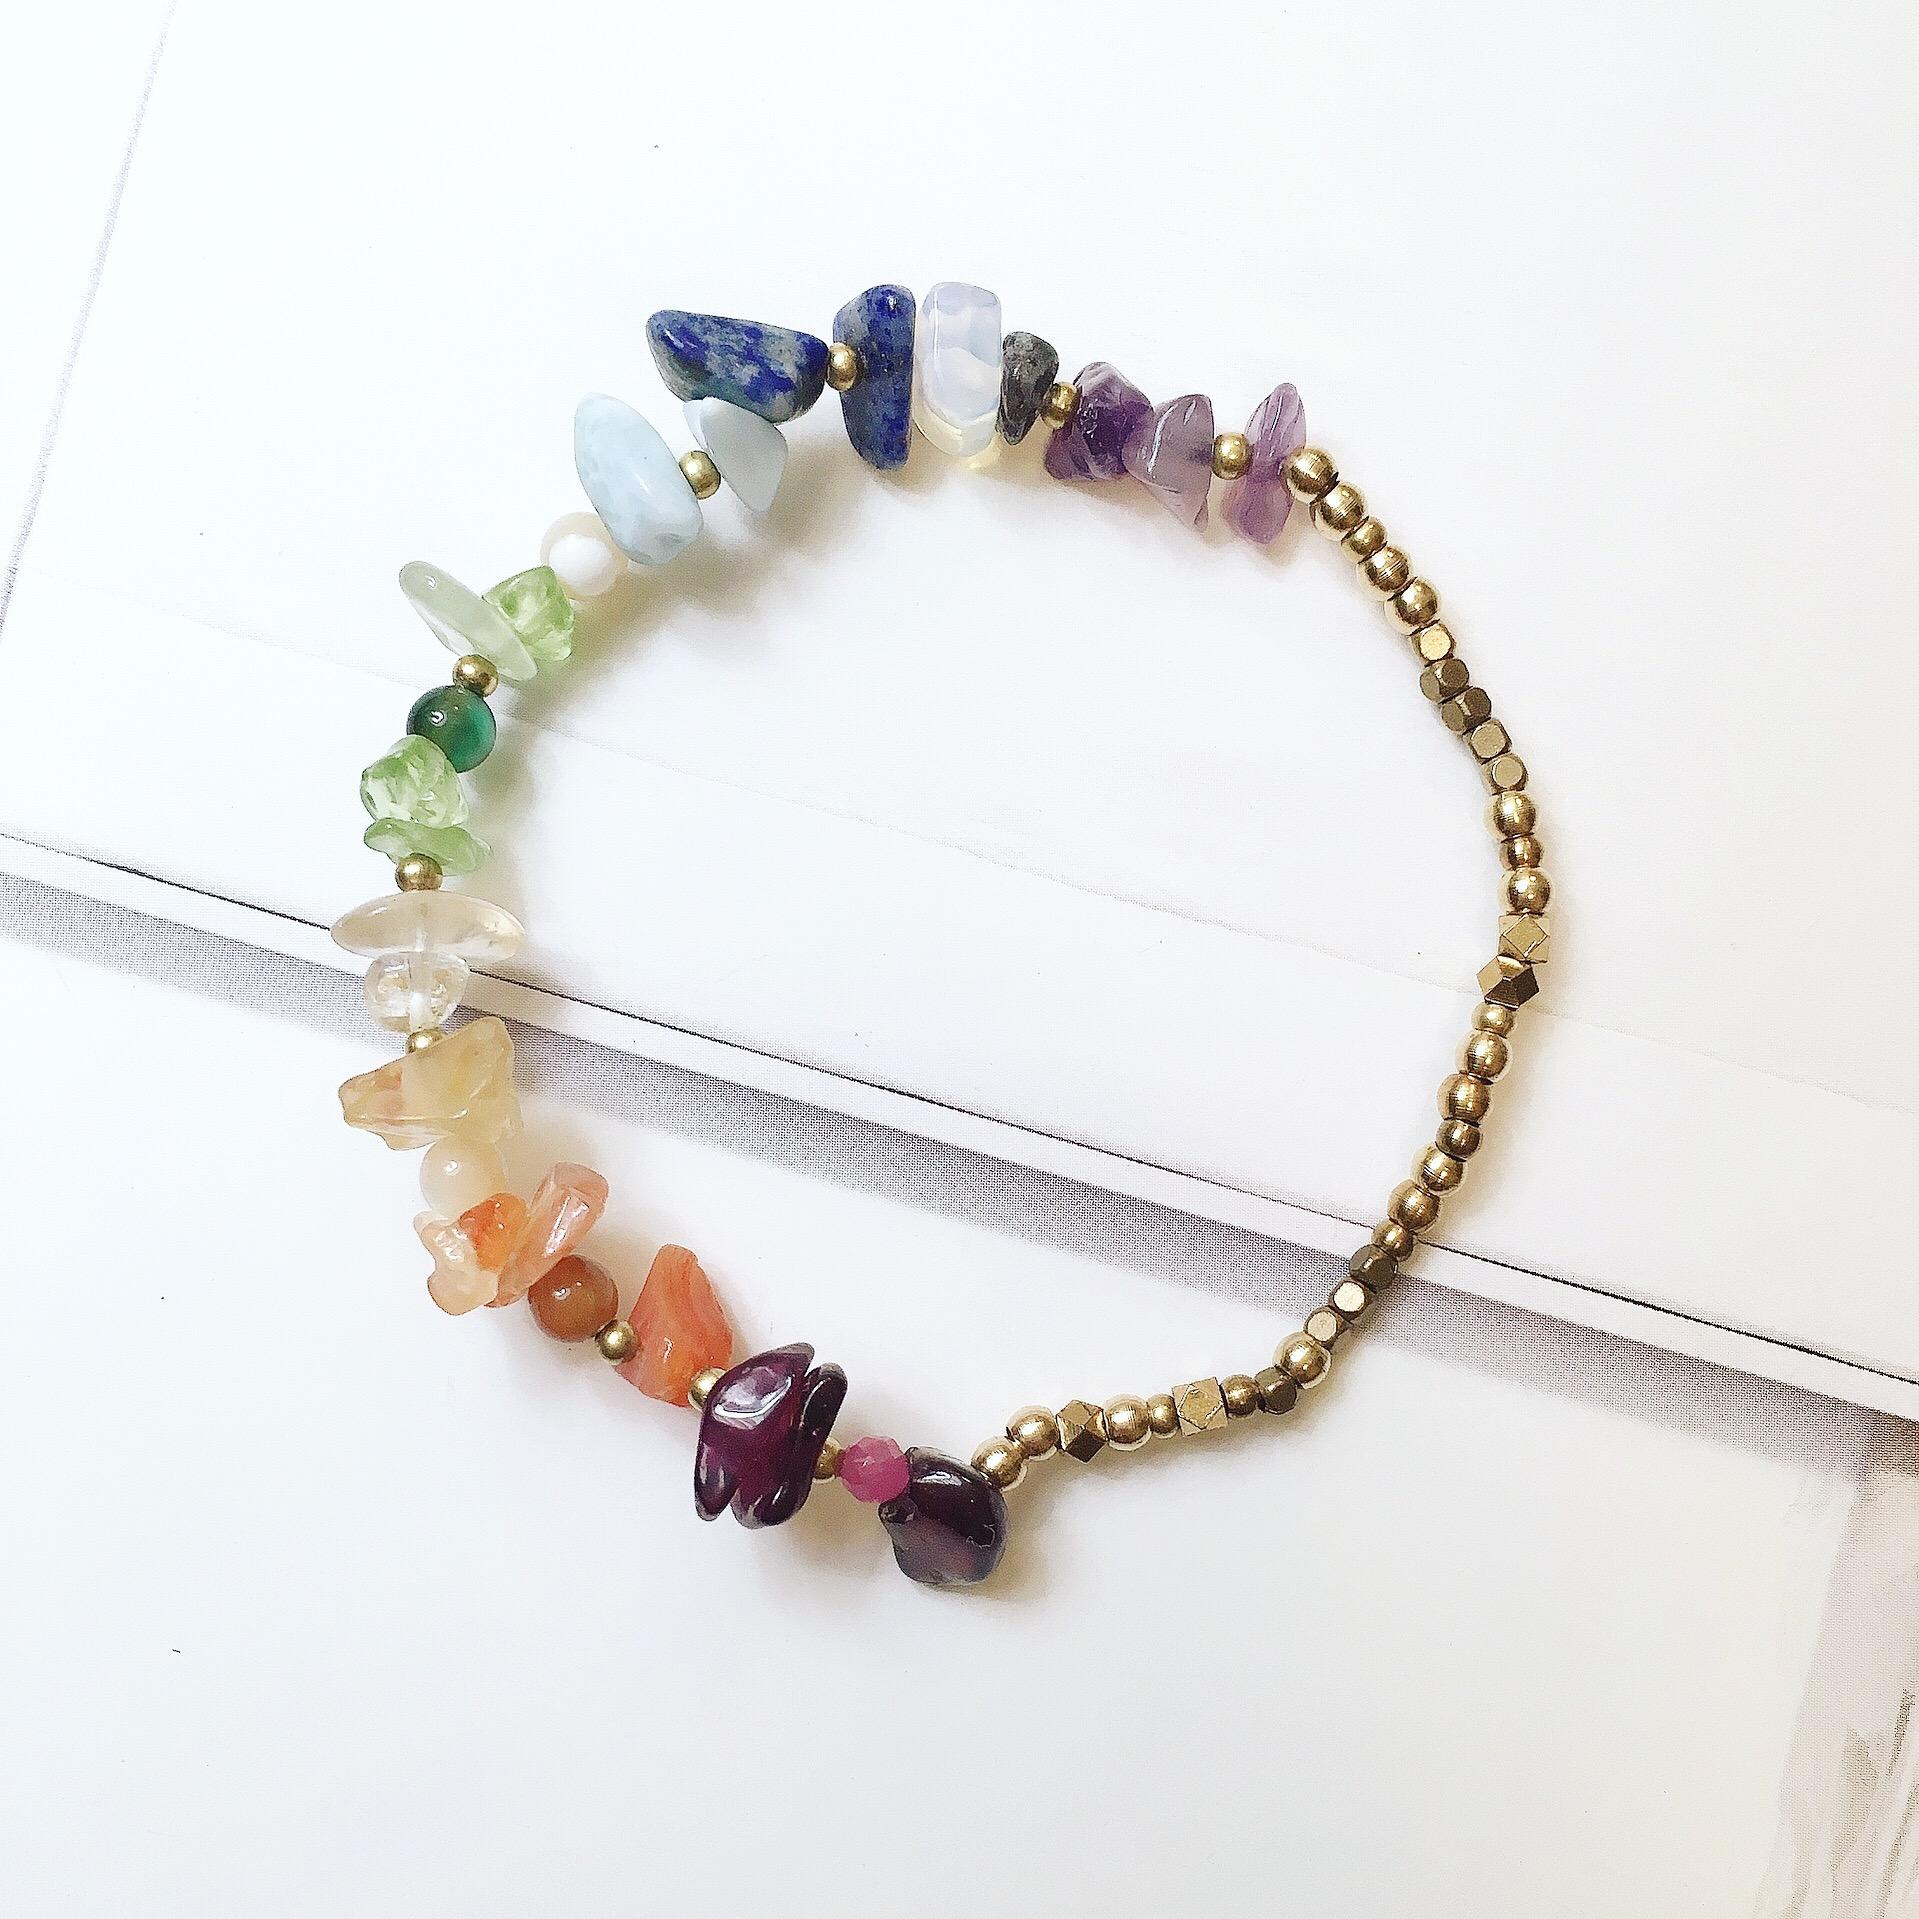 復古彩虹手環 - 混色黃銅